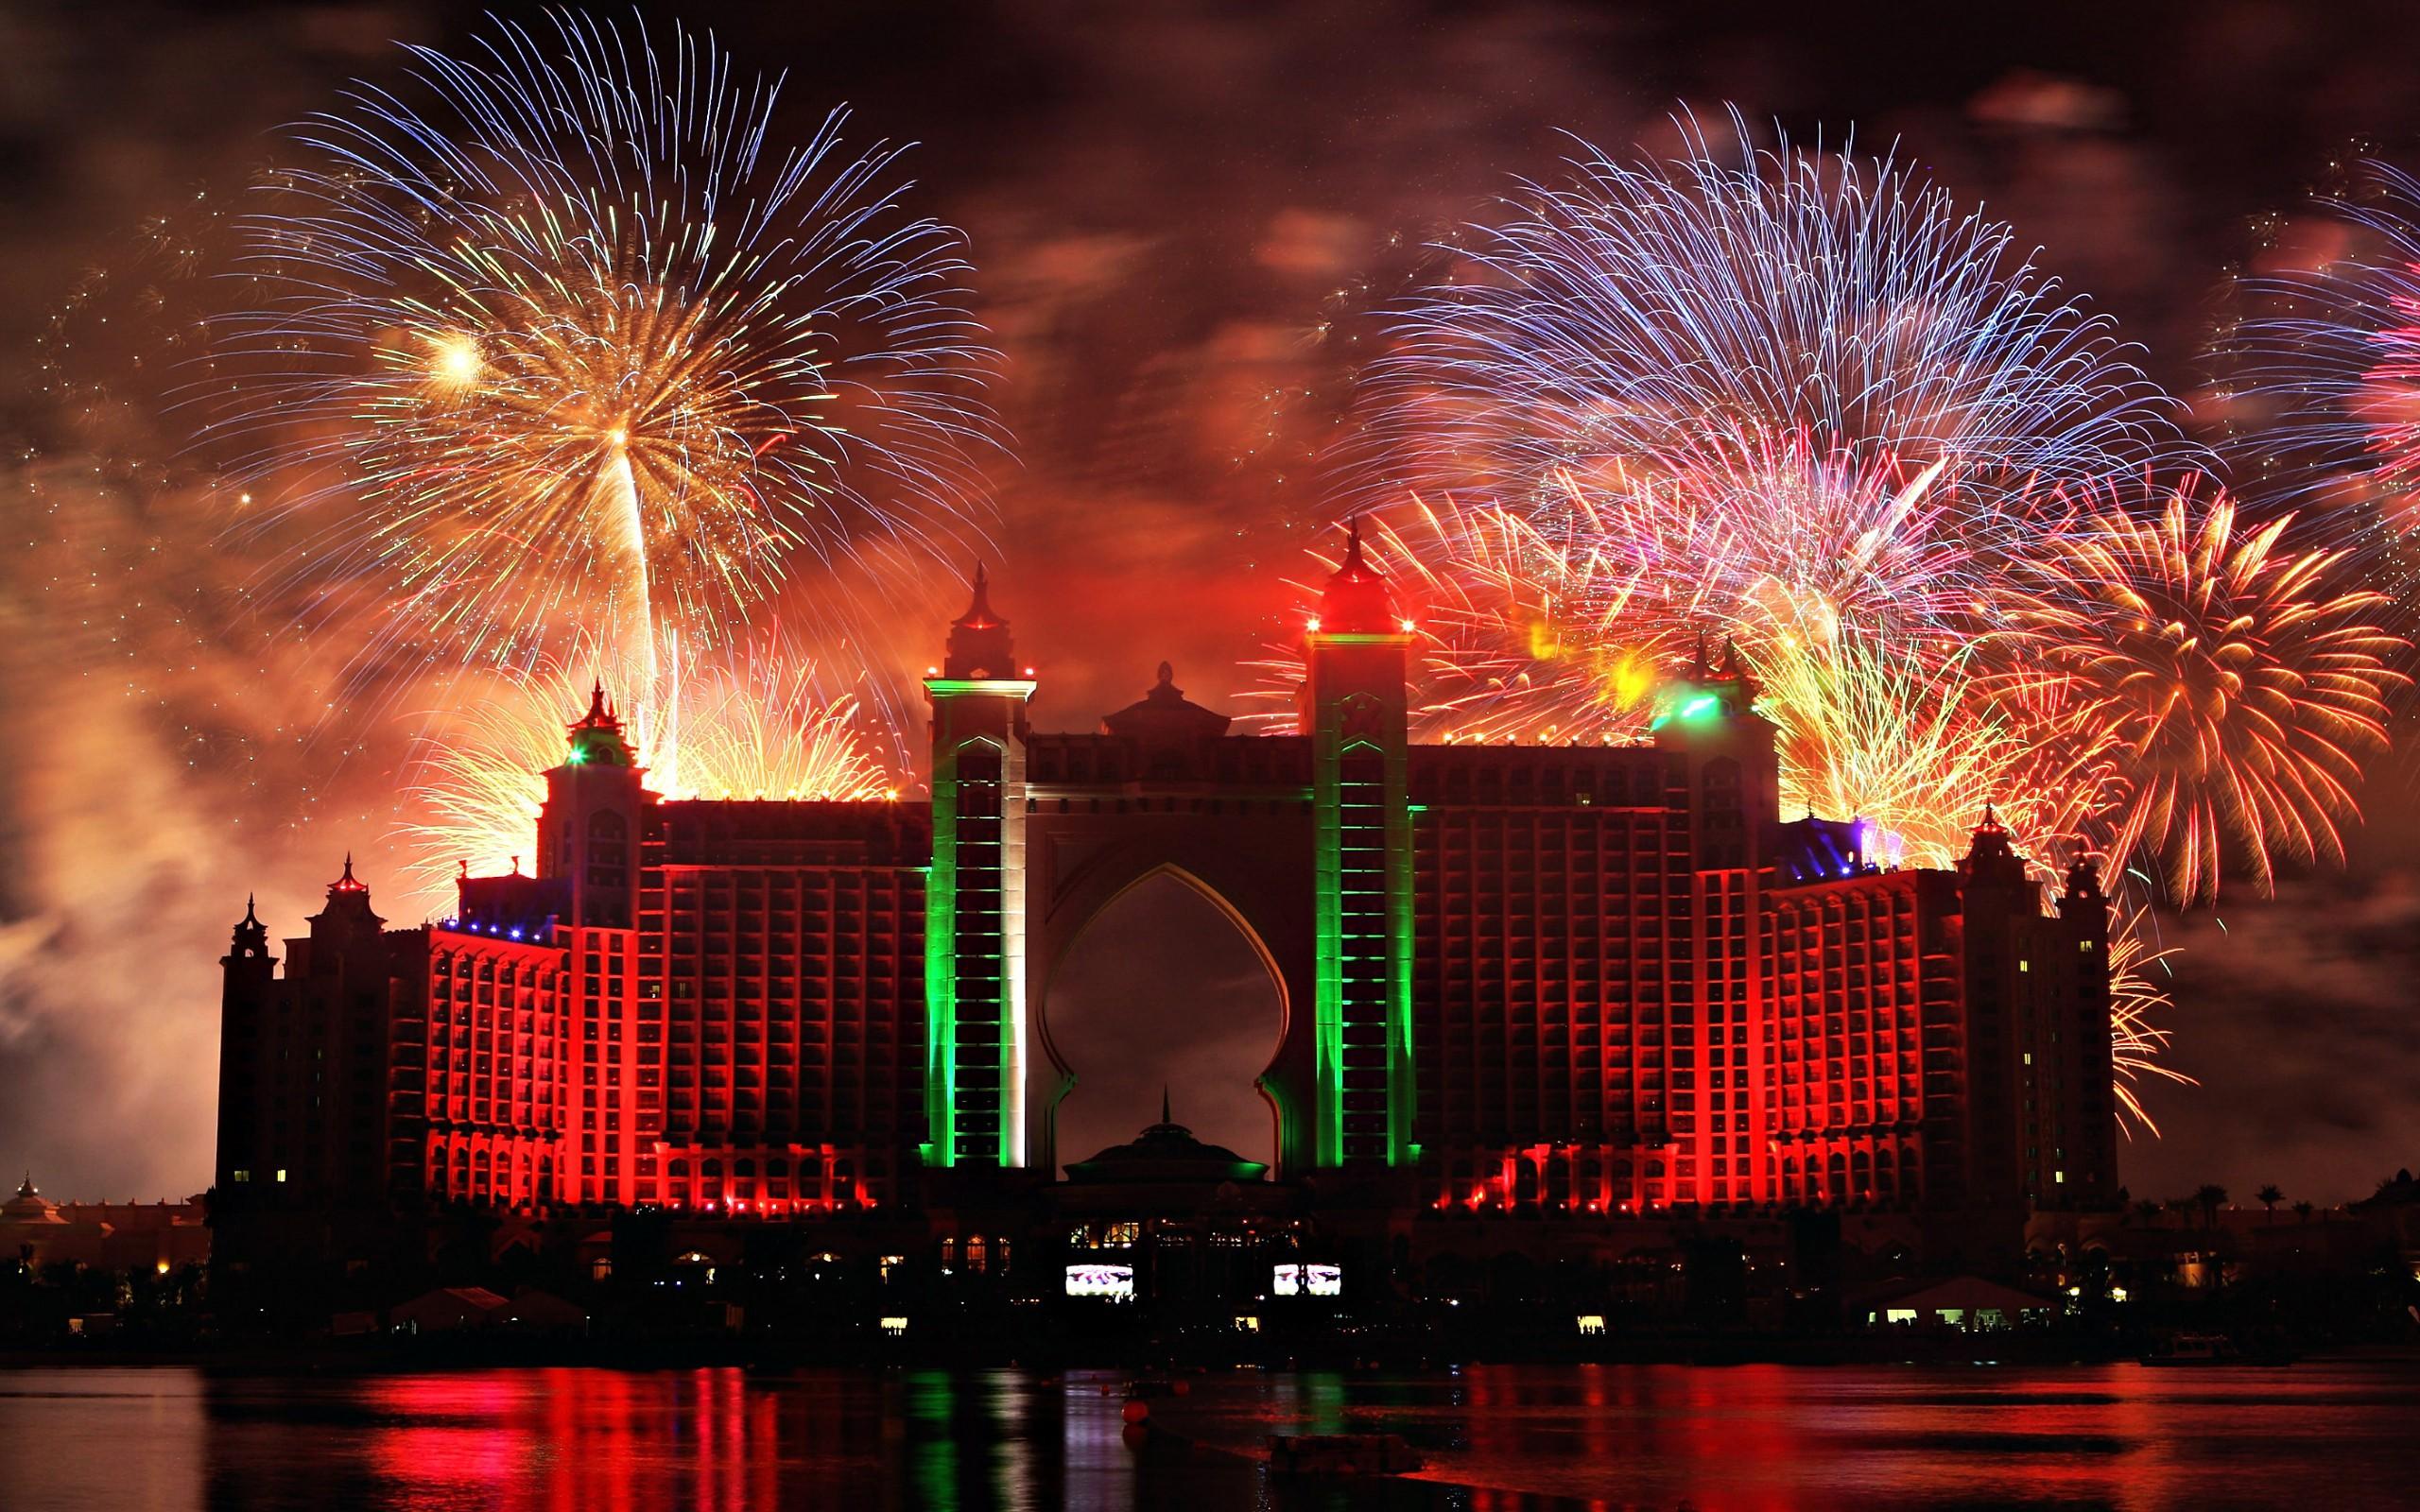 Fuegos artificiales en Dubai 2 - 2560x1600